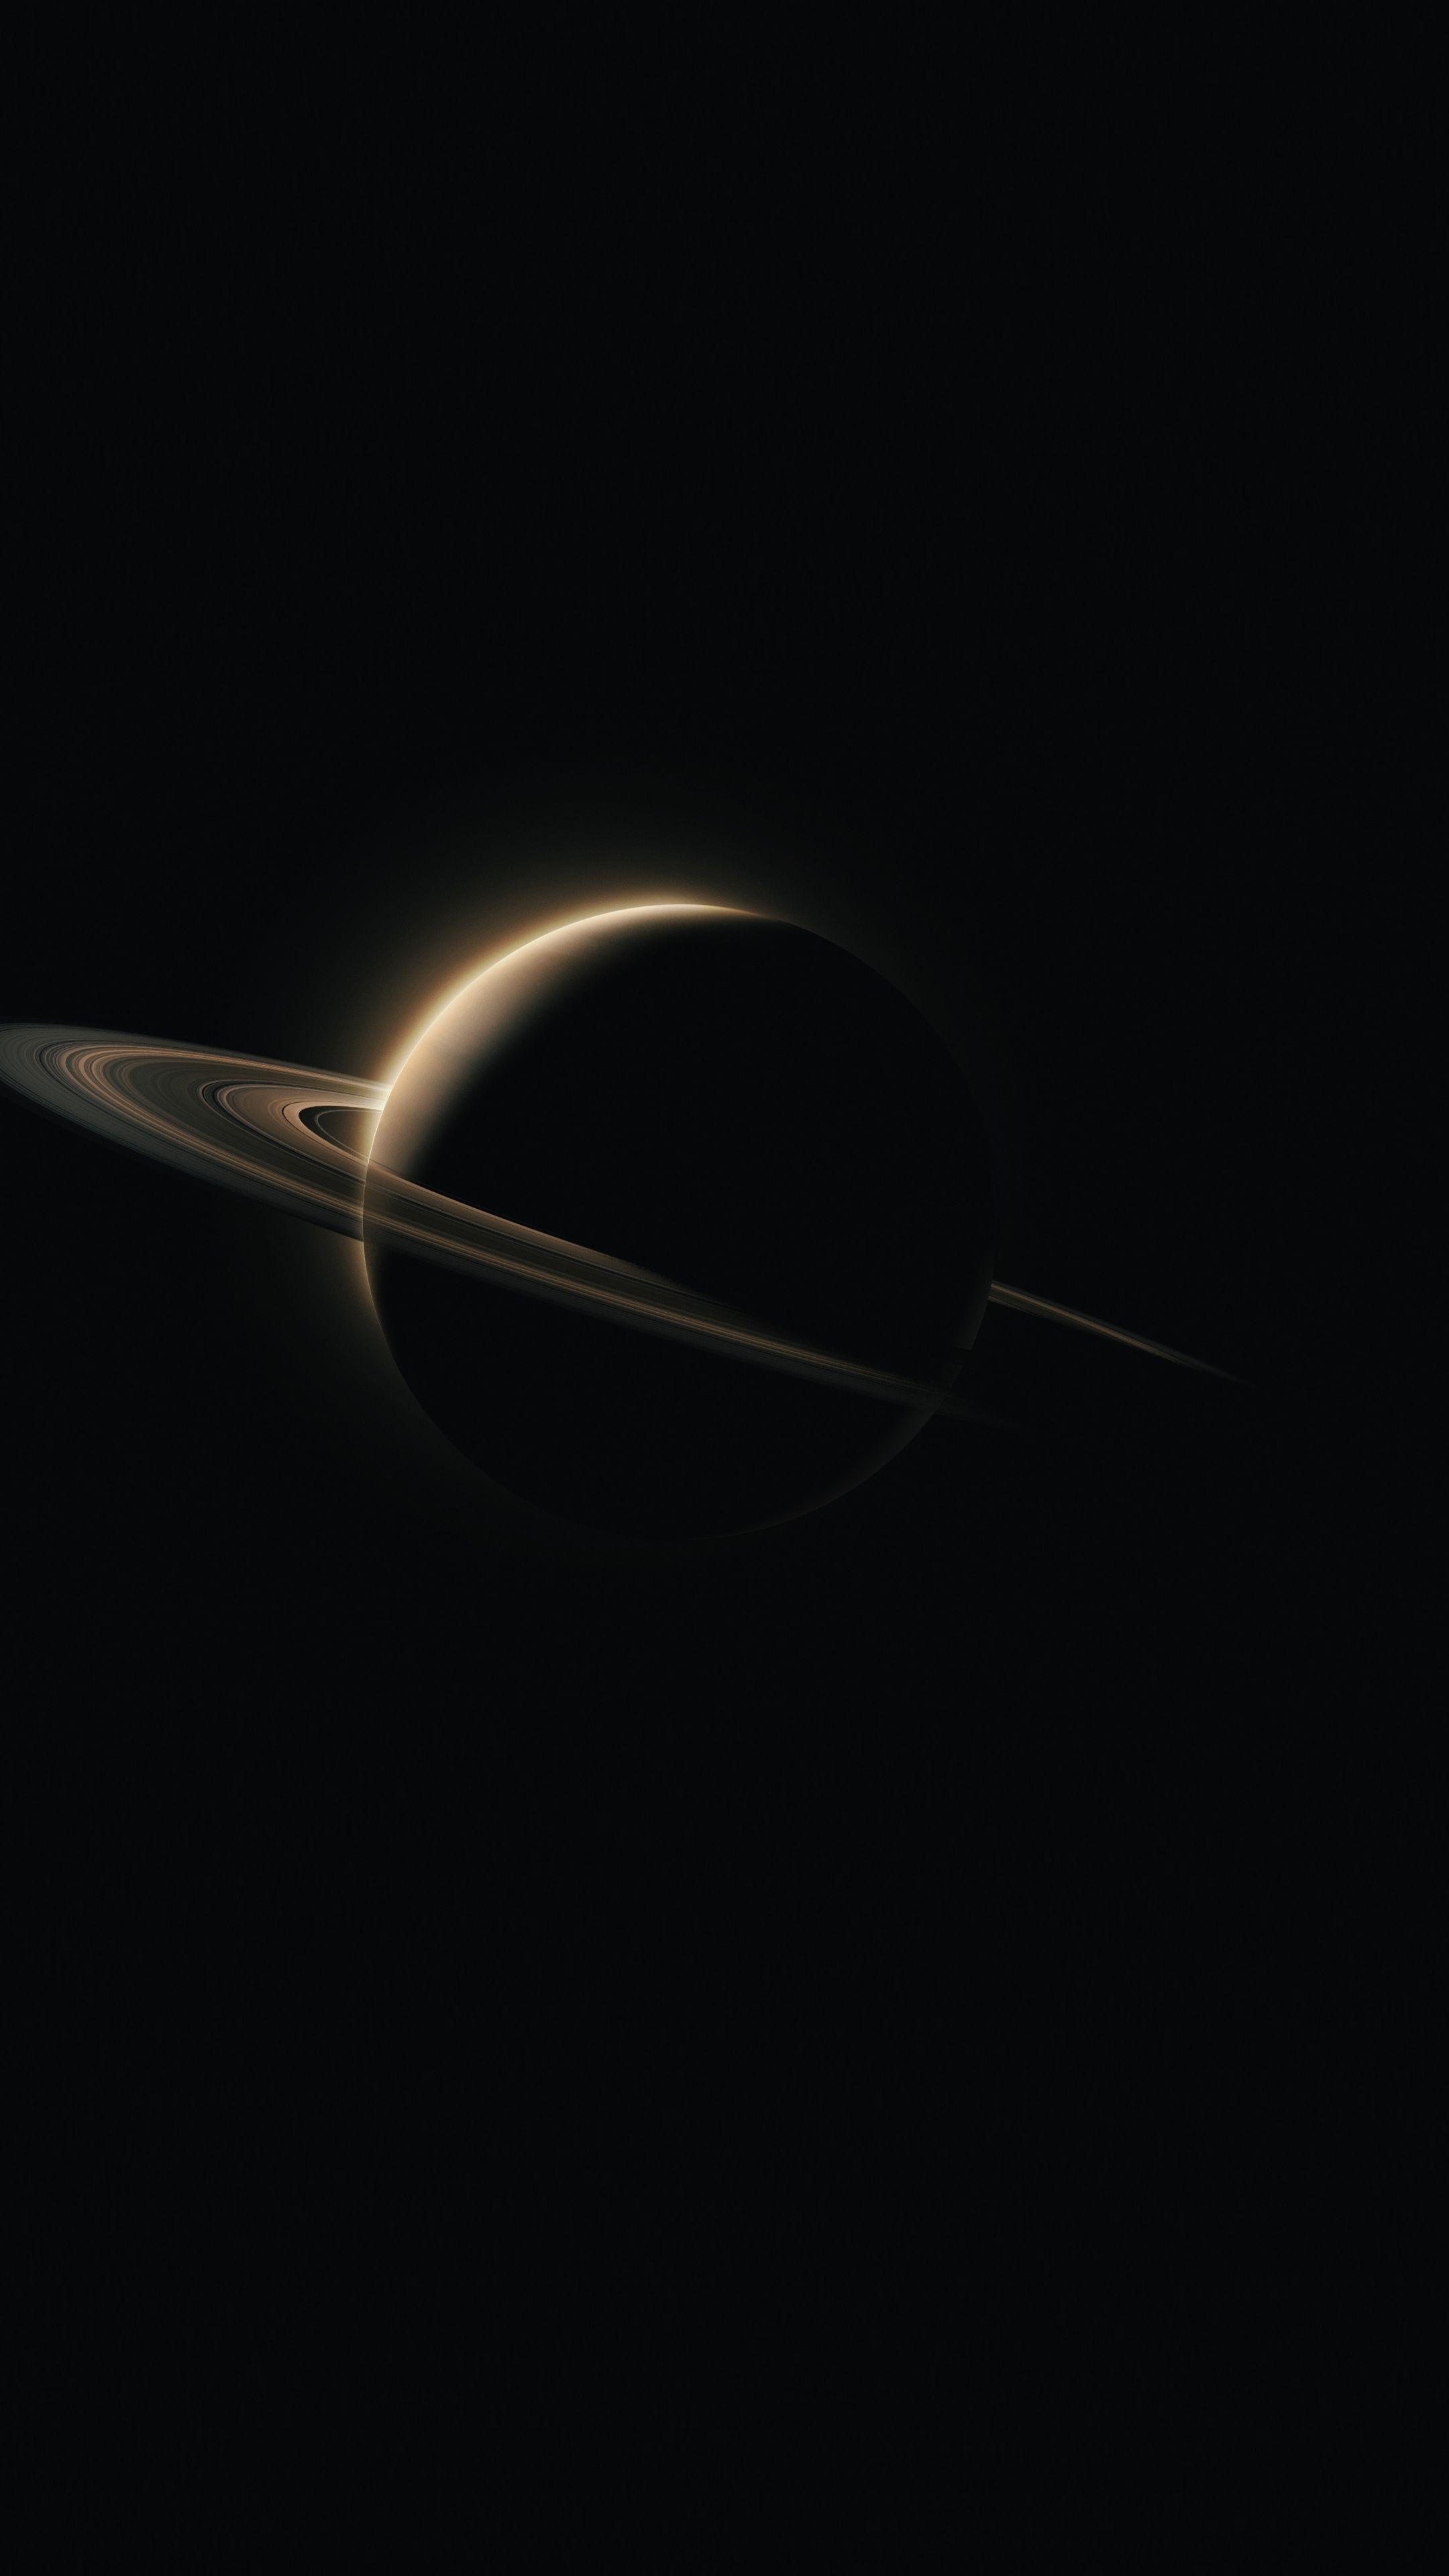 2160x3840 Saturn Planet Dark Wallpaper In 2019 Dark